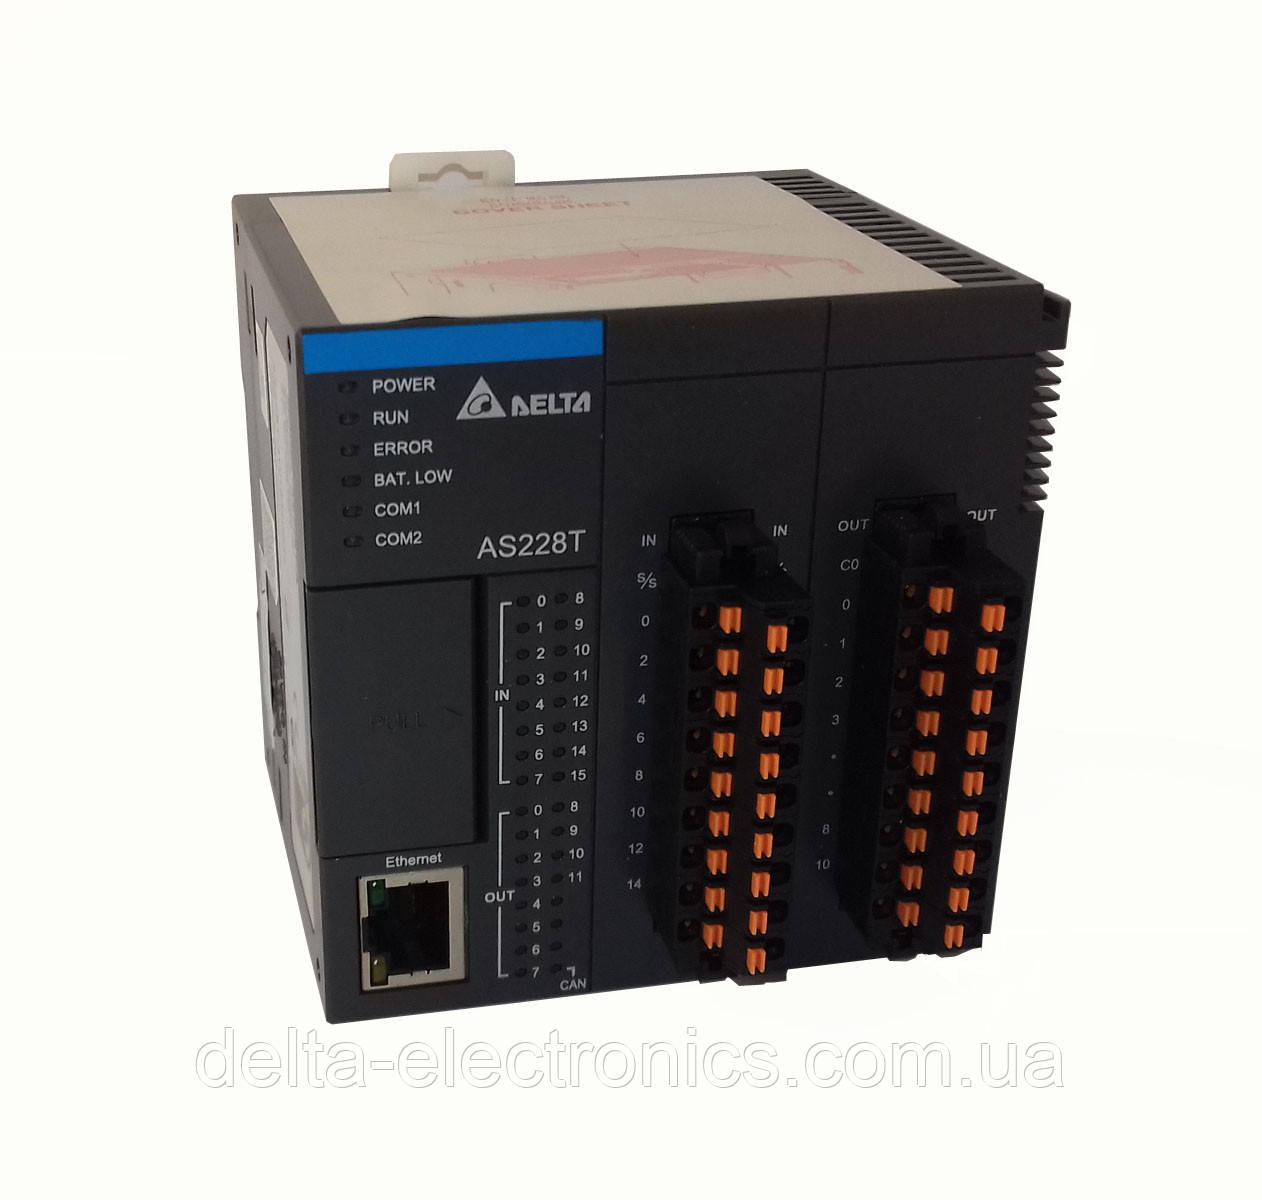 Базовый модуль контроллера серии AS200 Delta Electronics, 16DI/12DO транзисторные выходы (NPN), Ethernet